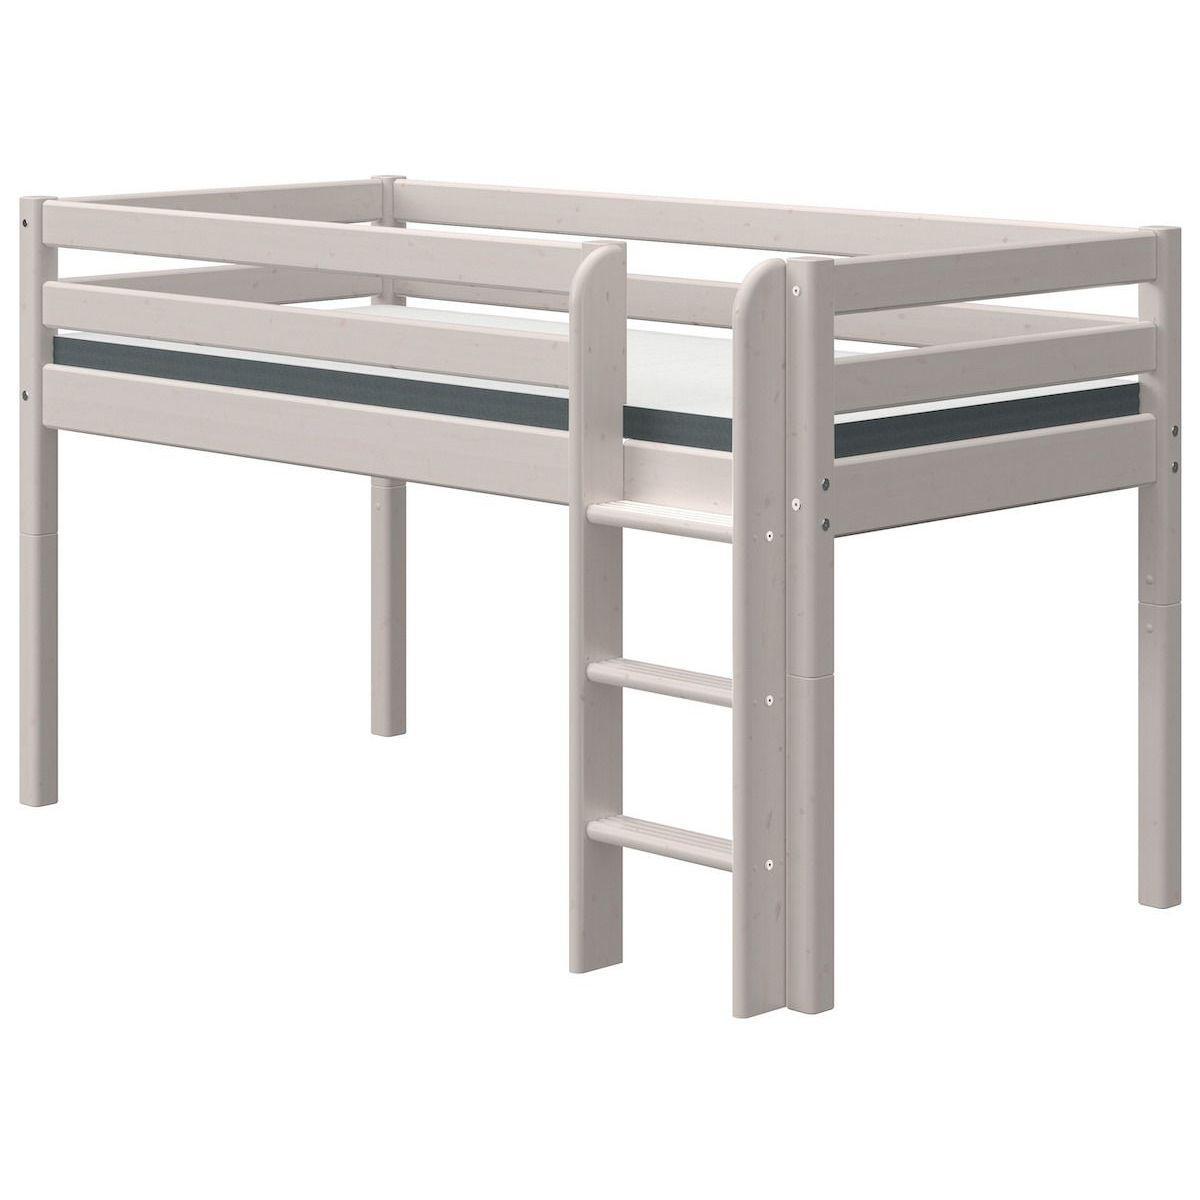 Cama media alta 90x200cm escalera recta CLASSIC Flexa grey washed